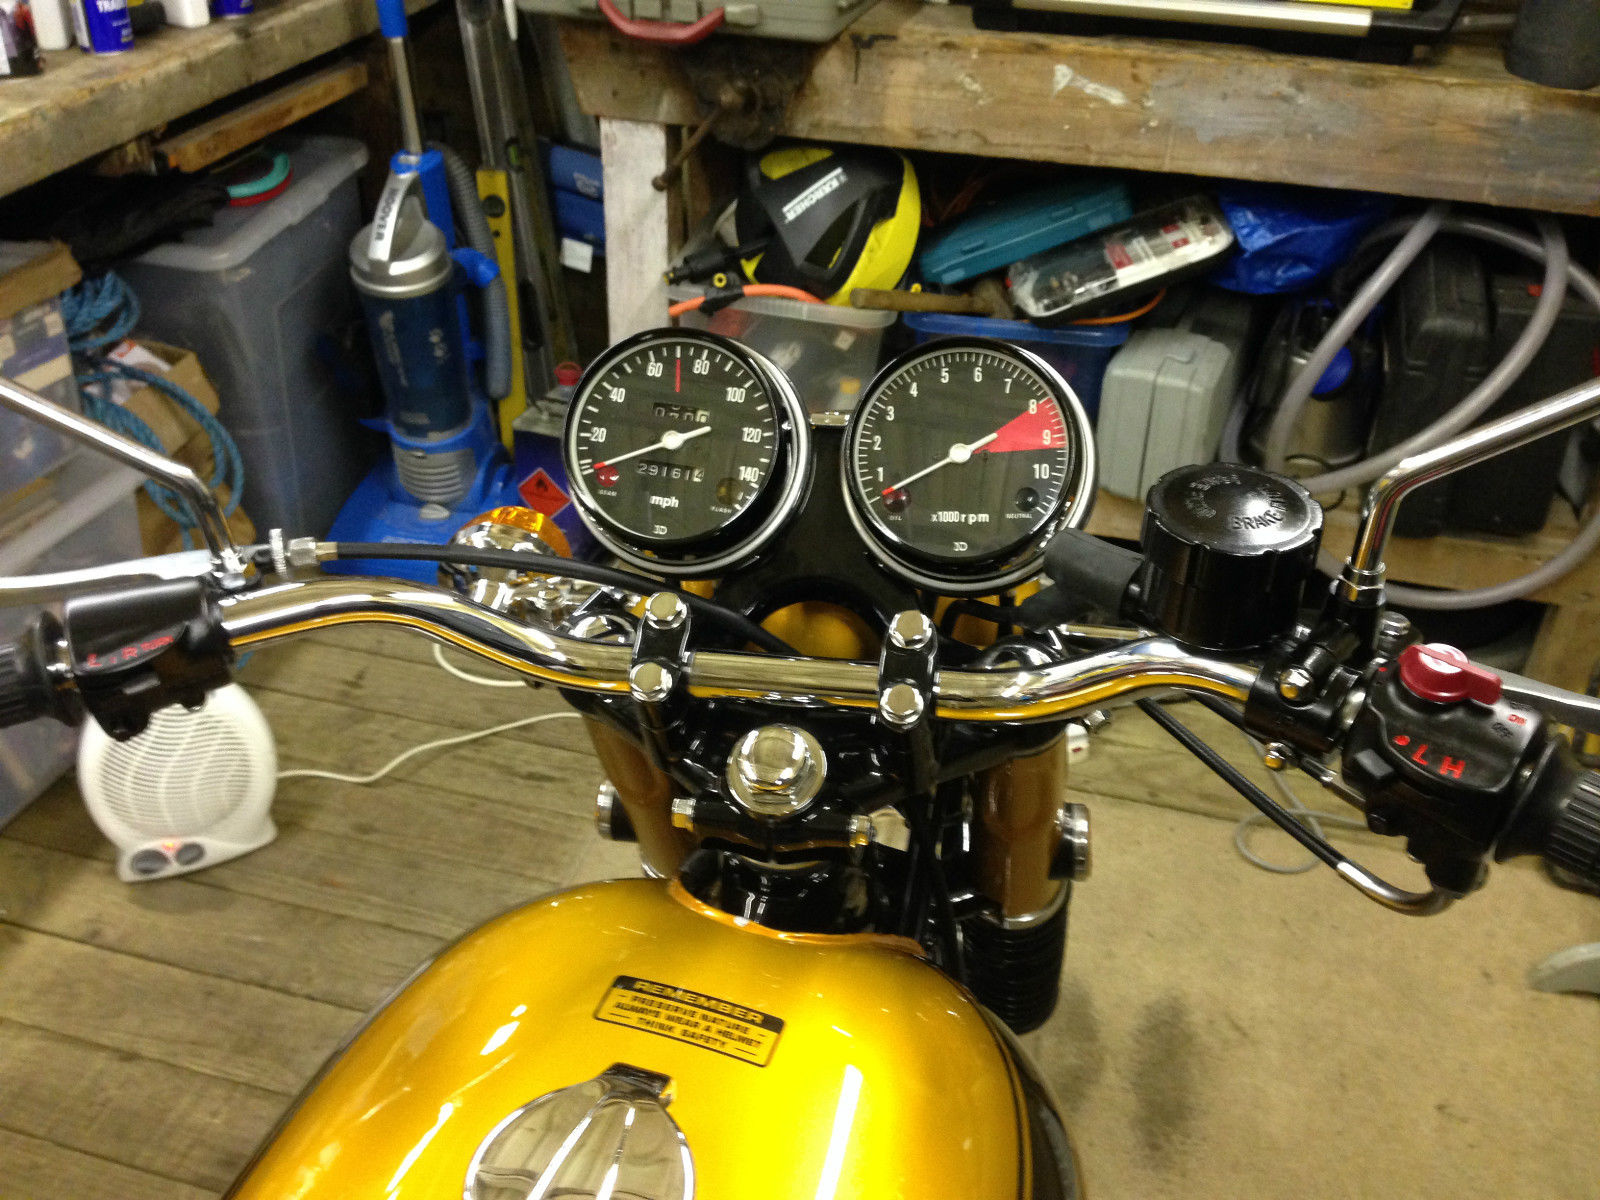 Honda CB750 K1 - 1970 - Tank, Handlebars, Clocks, Petrol Cap, Speedo and Tacho.